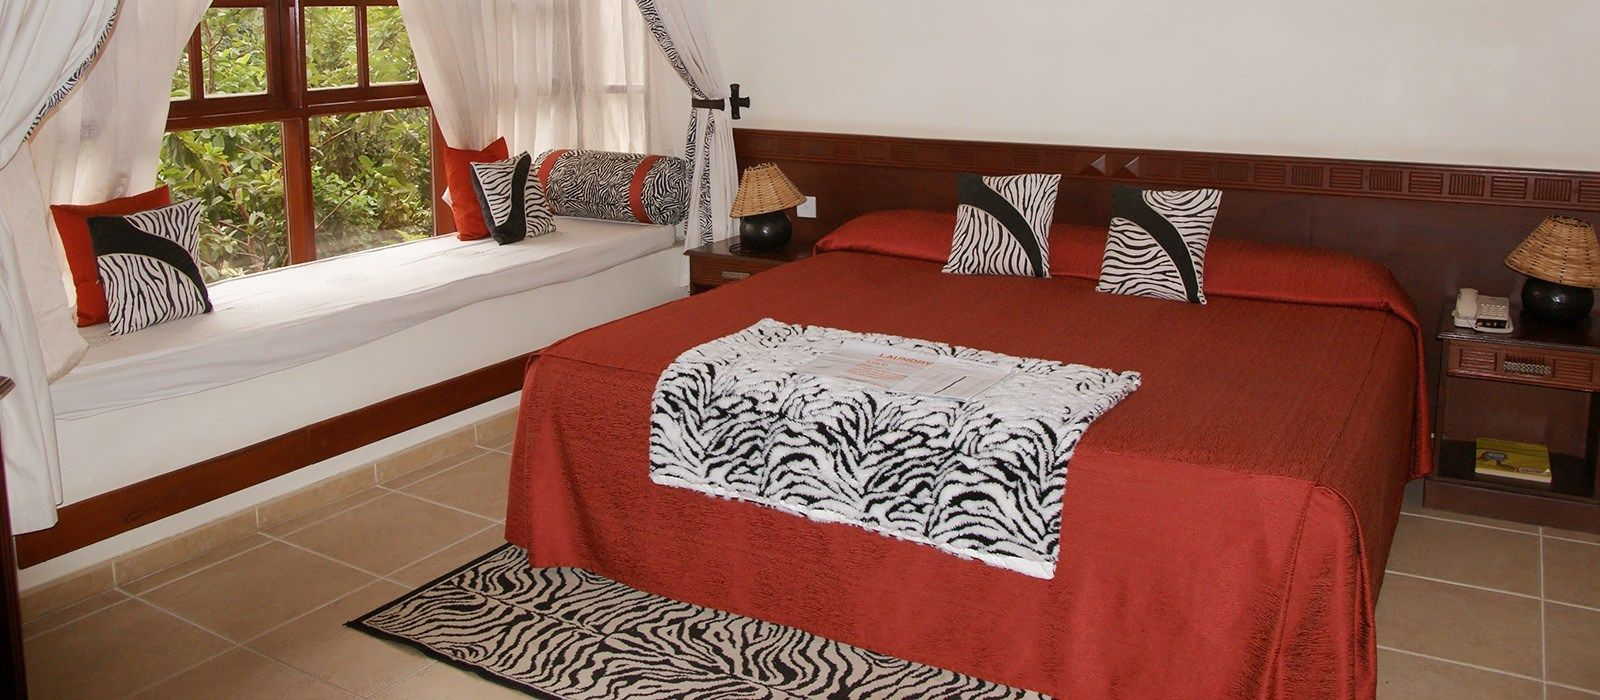 Hotel The African Tulip Tanzania